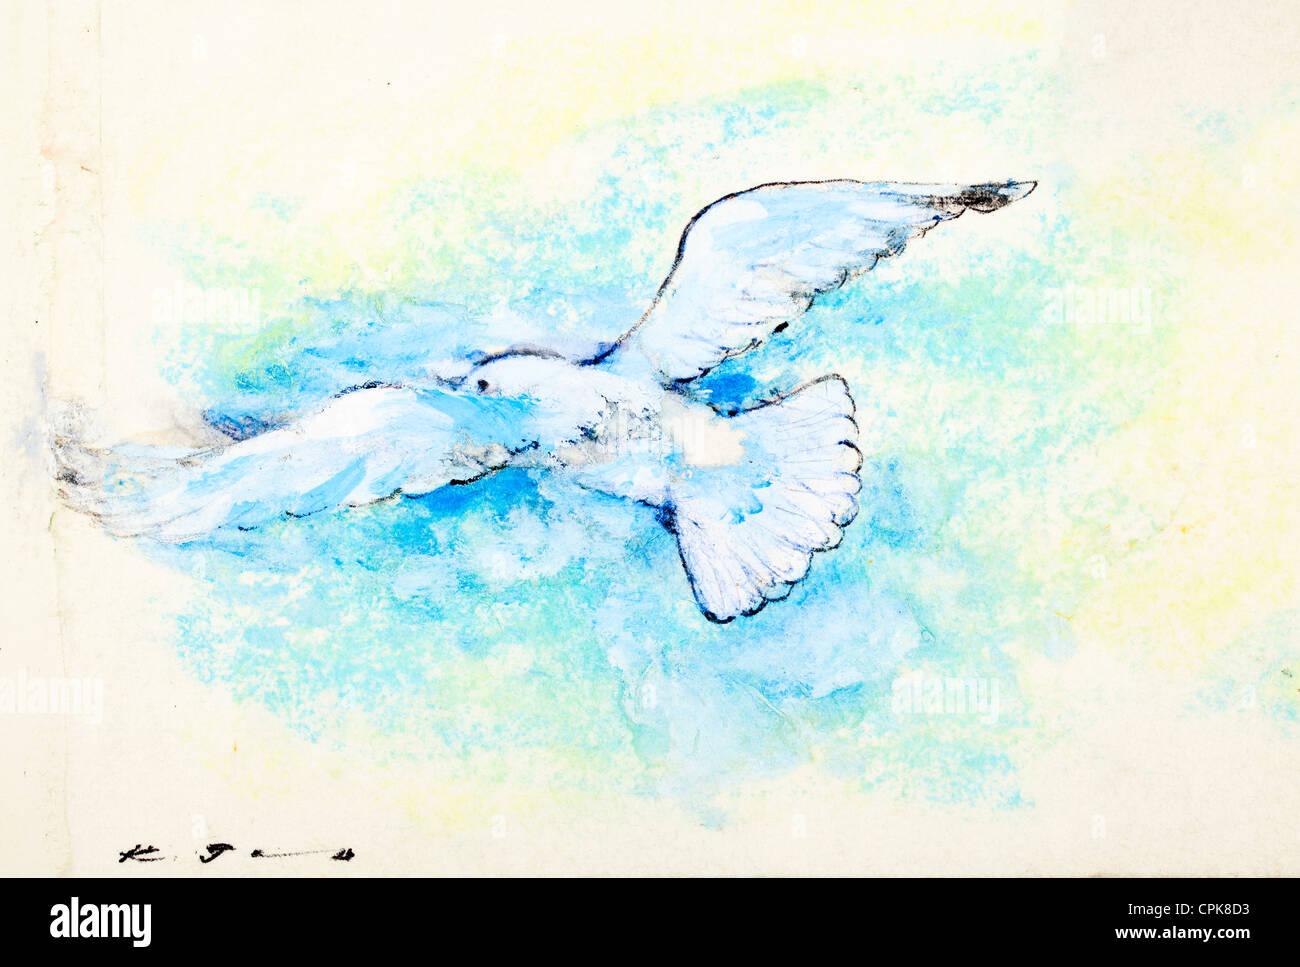 Weiße Taube - Pastellkreide auf Papier von Kurt Tessmann Stockbild